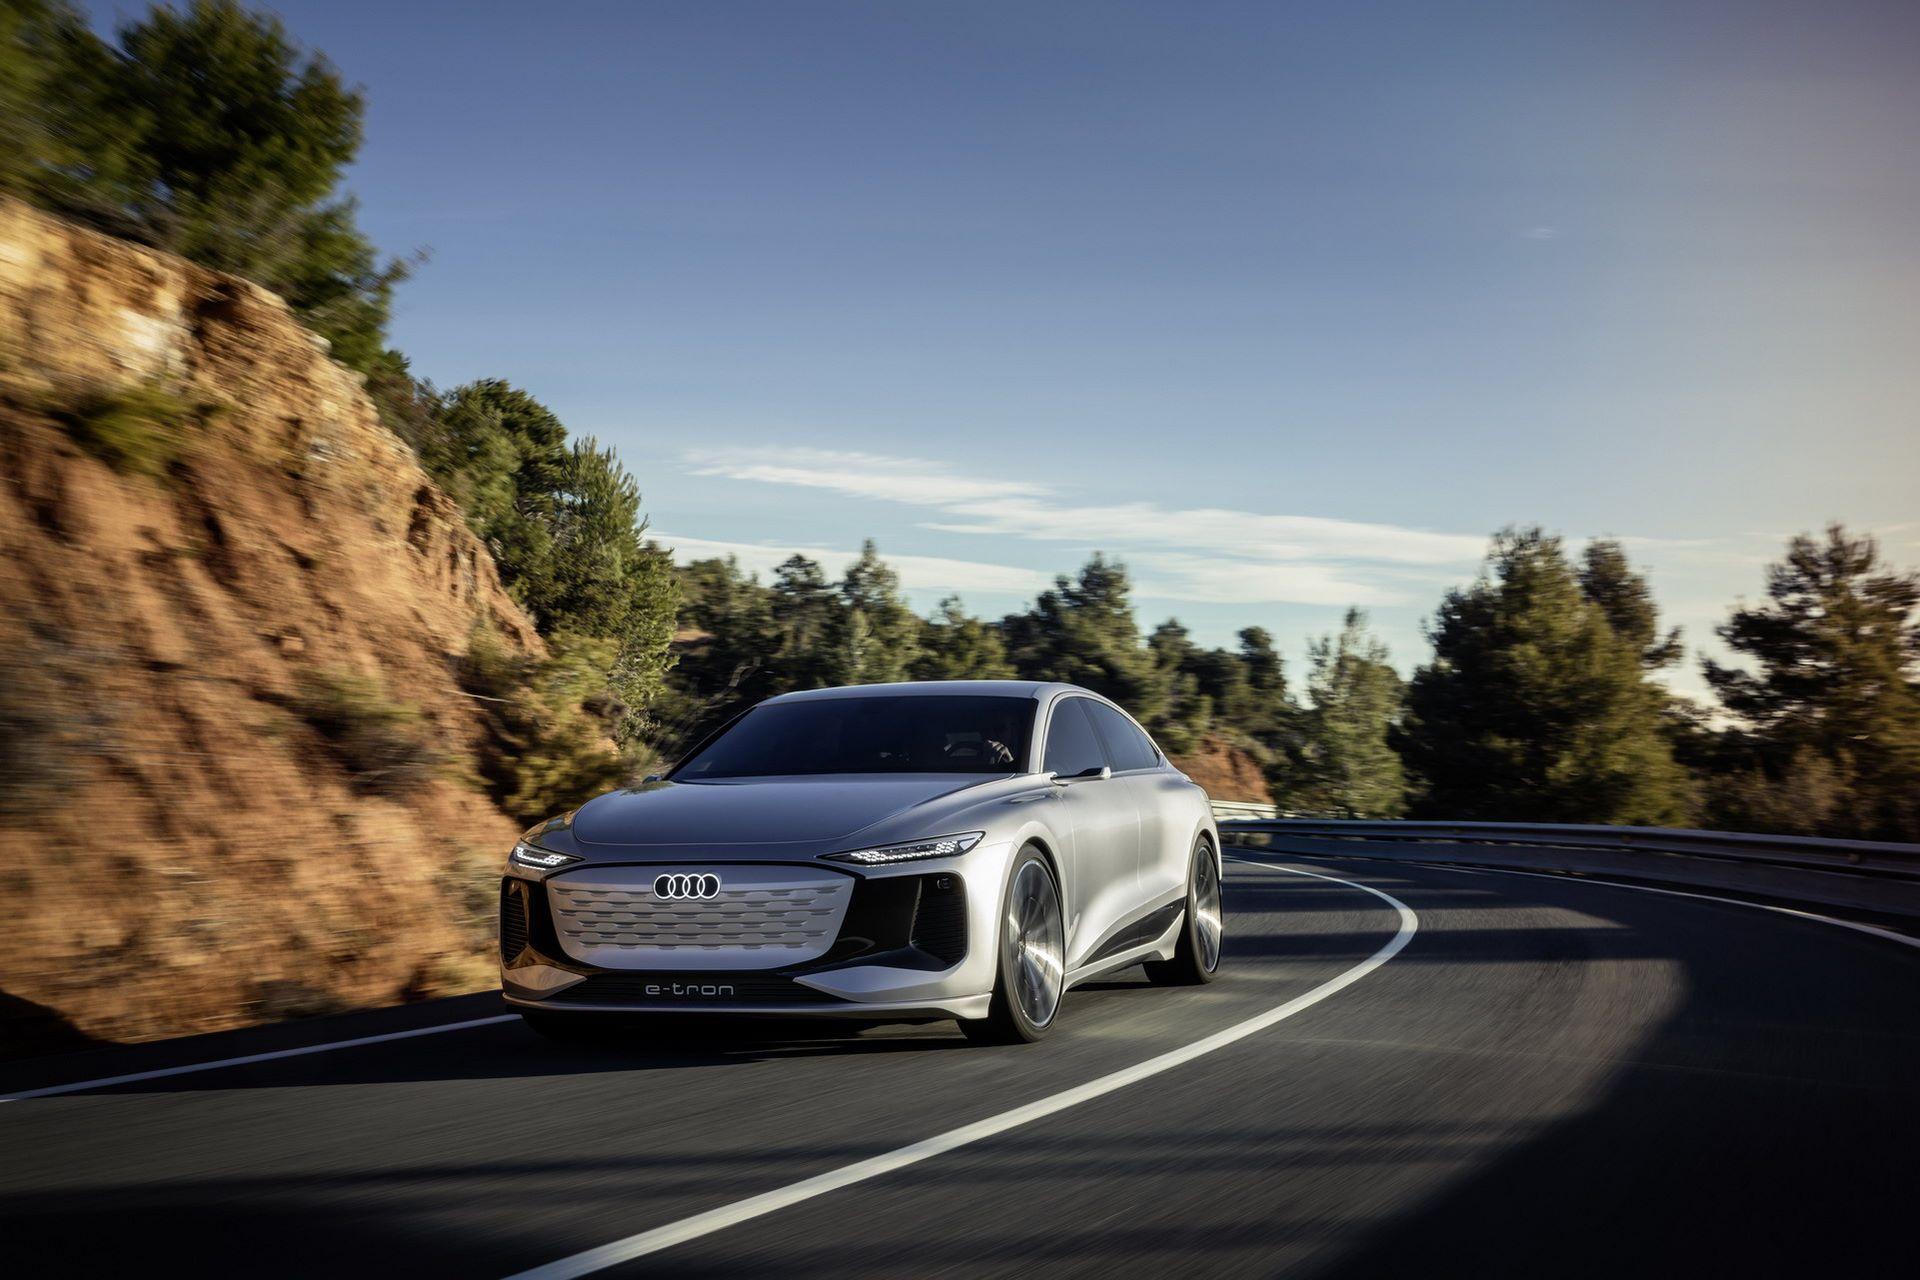 Audi-A6-e-tron-concept-7